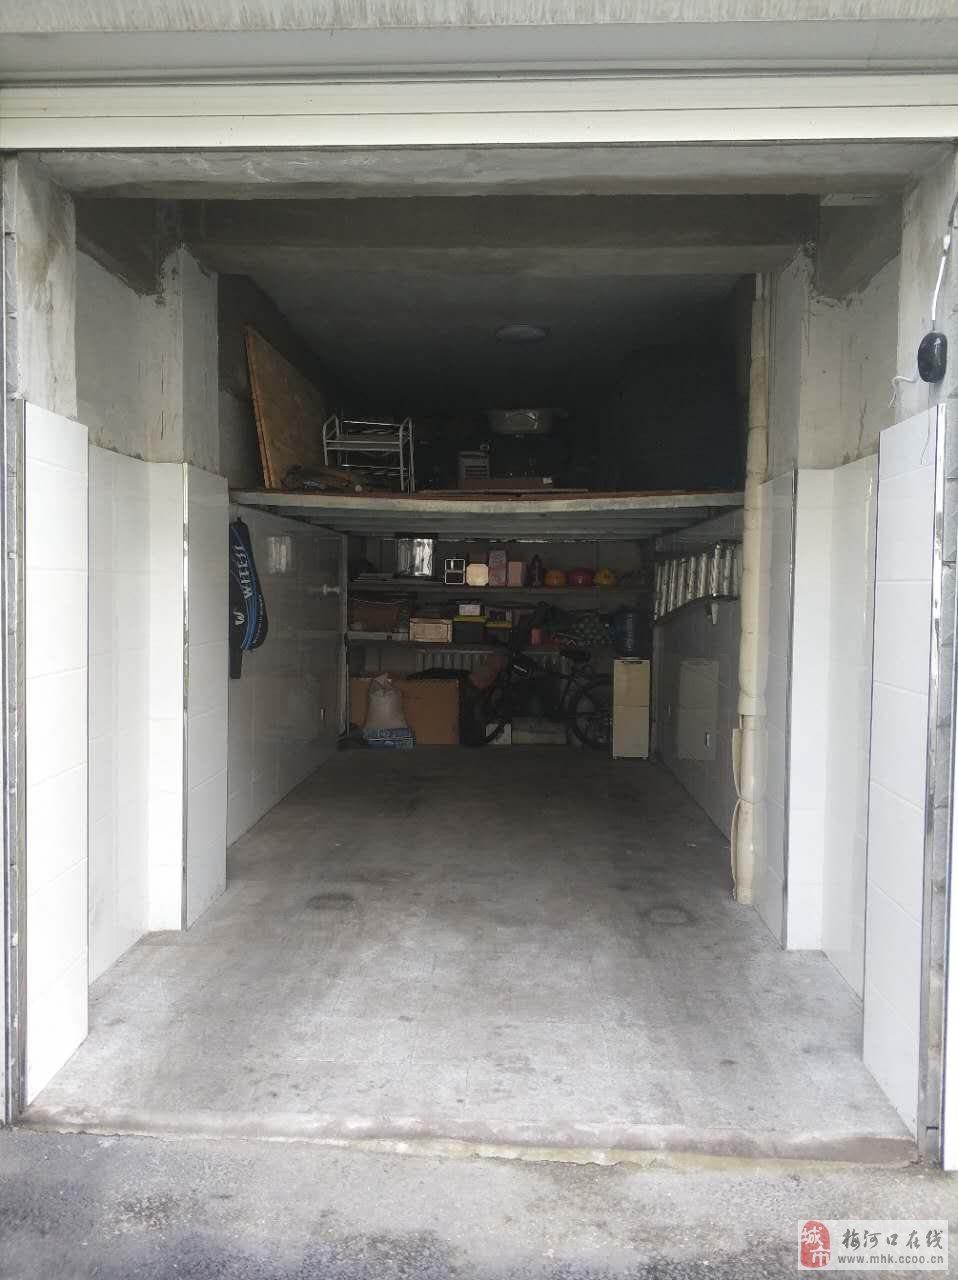 房產首頁 房屋出售 >> 出售信息  出售江南明珠a2號樓7號車庫,位置在